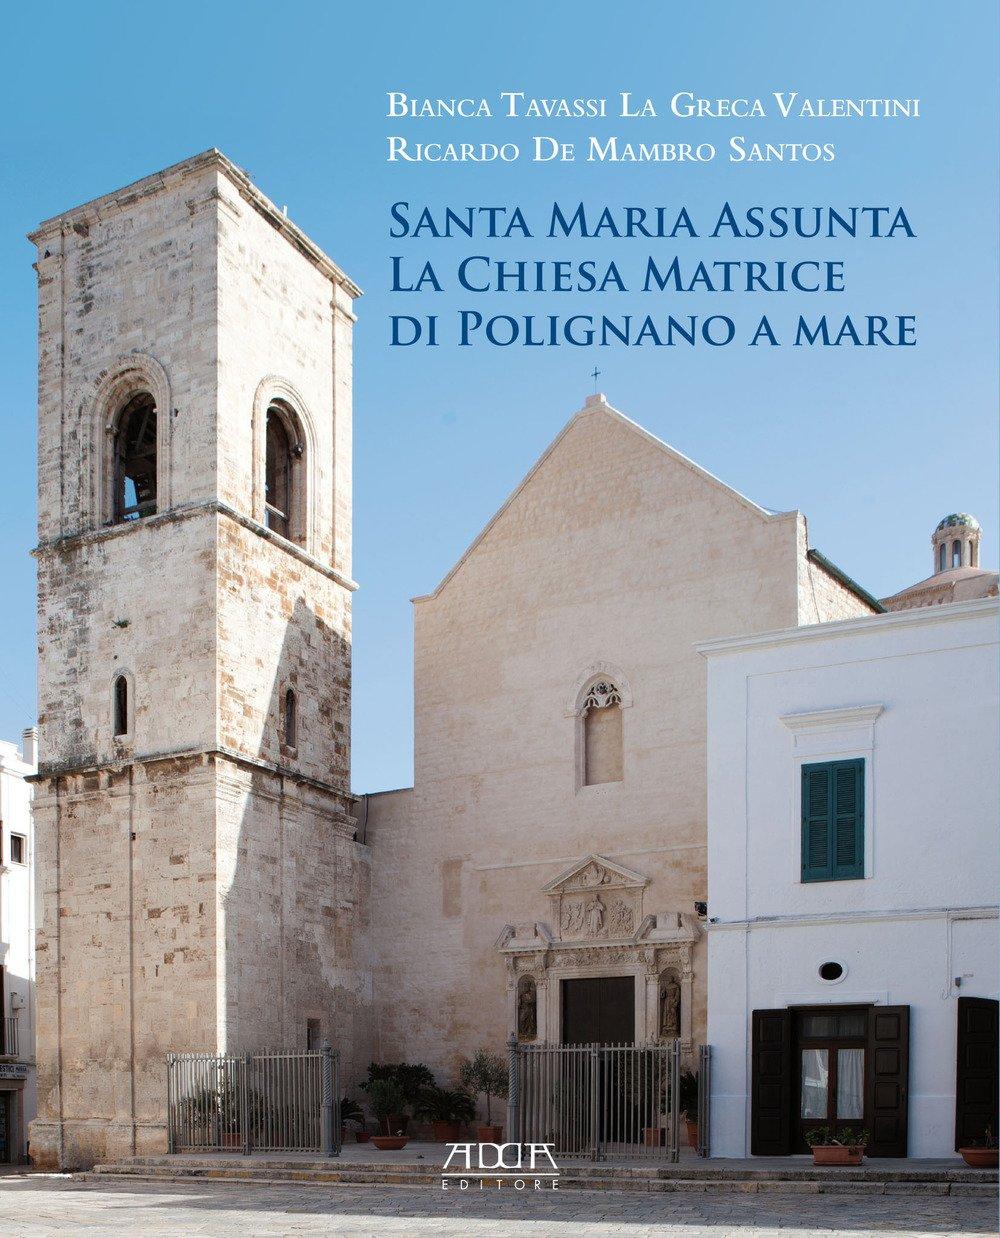 Santa Maria Assunta. La chiesa matrice di Polignano a mare